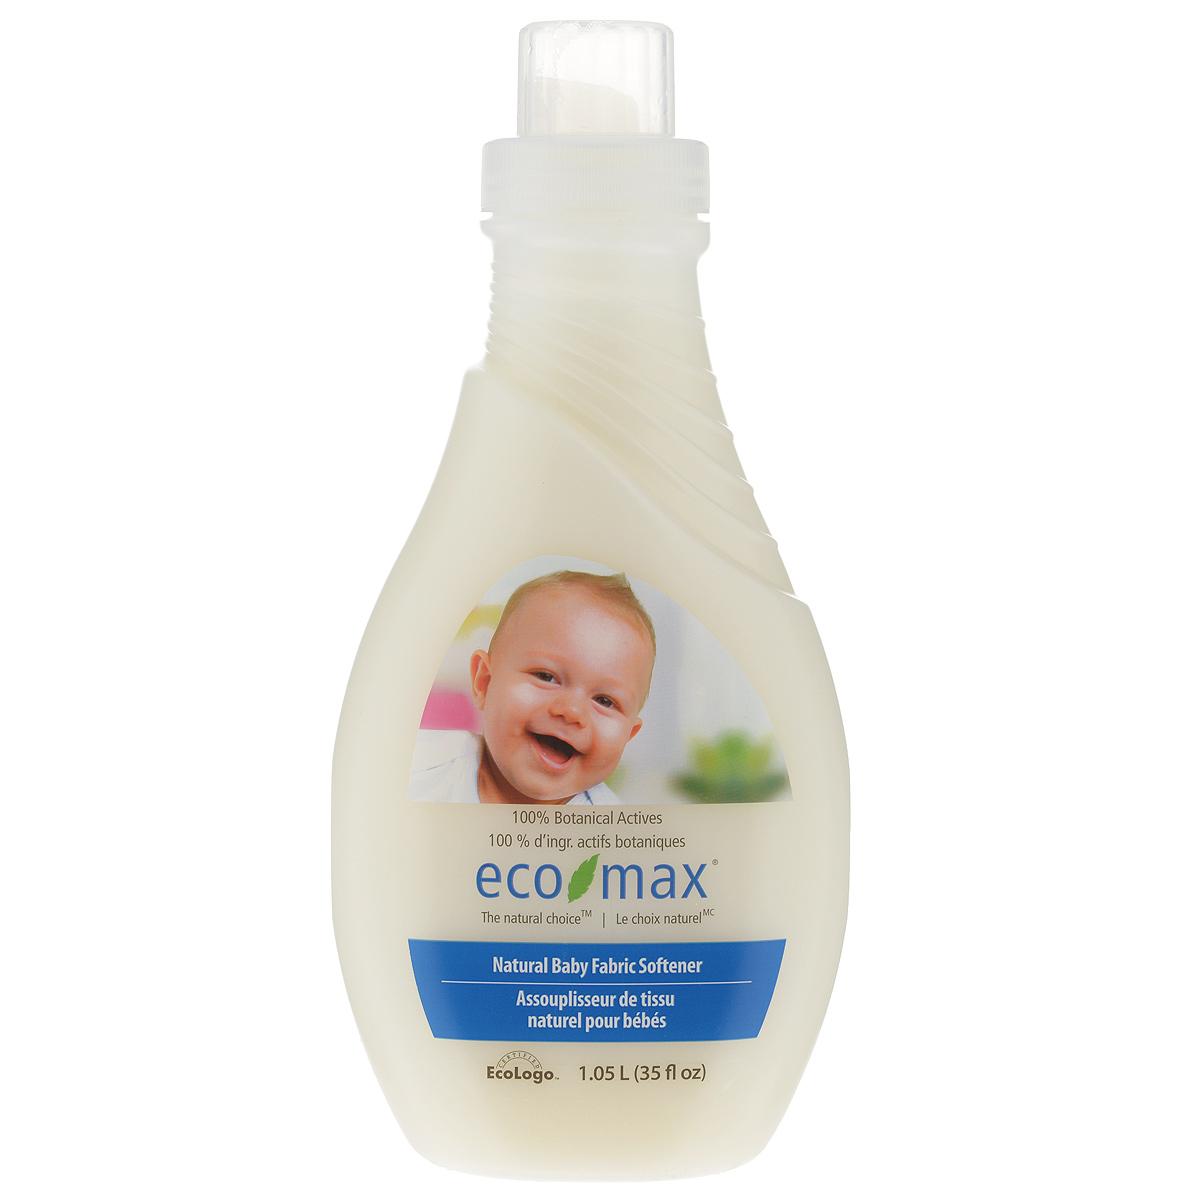 Кондиционер для детского белья Eco Max, 1,05 л200636Кондиционер для детского белья Eco Max - гипоаллергенный кондиционер без запаха, без сульфатов, на растительной основе, полностью биоразлагаемый. Уменьшает статическое электричество, восстанавливает мягкость детского белья. Не содержит токсичных химических веществ и ароматизаторов, безопасен для чувствительной кожи. Подходит для ручной и машинной стирки, для всех типов ткани. Состав: вода, четвертичное соединение растительного масла, пищевой сорбат калия в качестве консерванта и пищевая лимонная кислота. Товар сертифицирован.